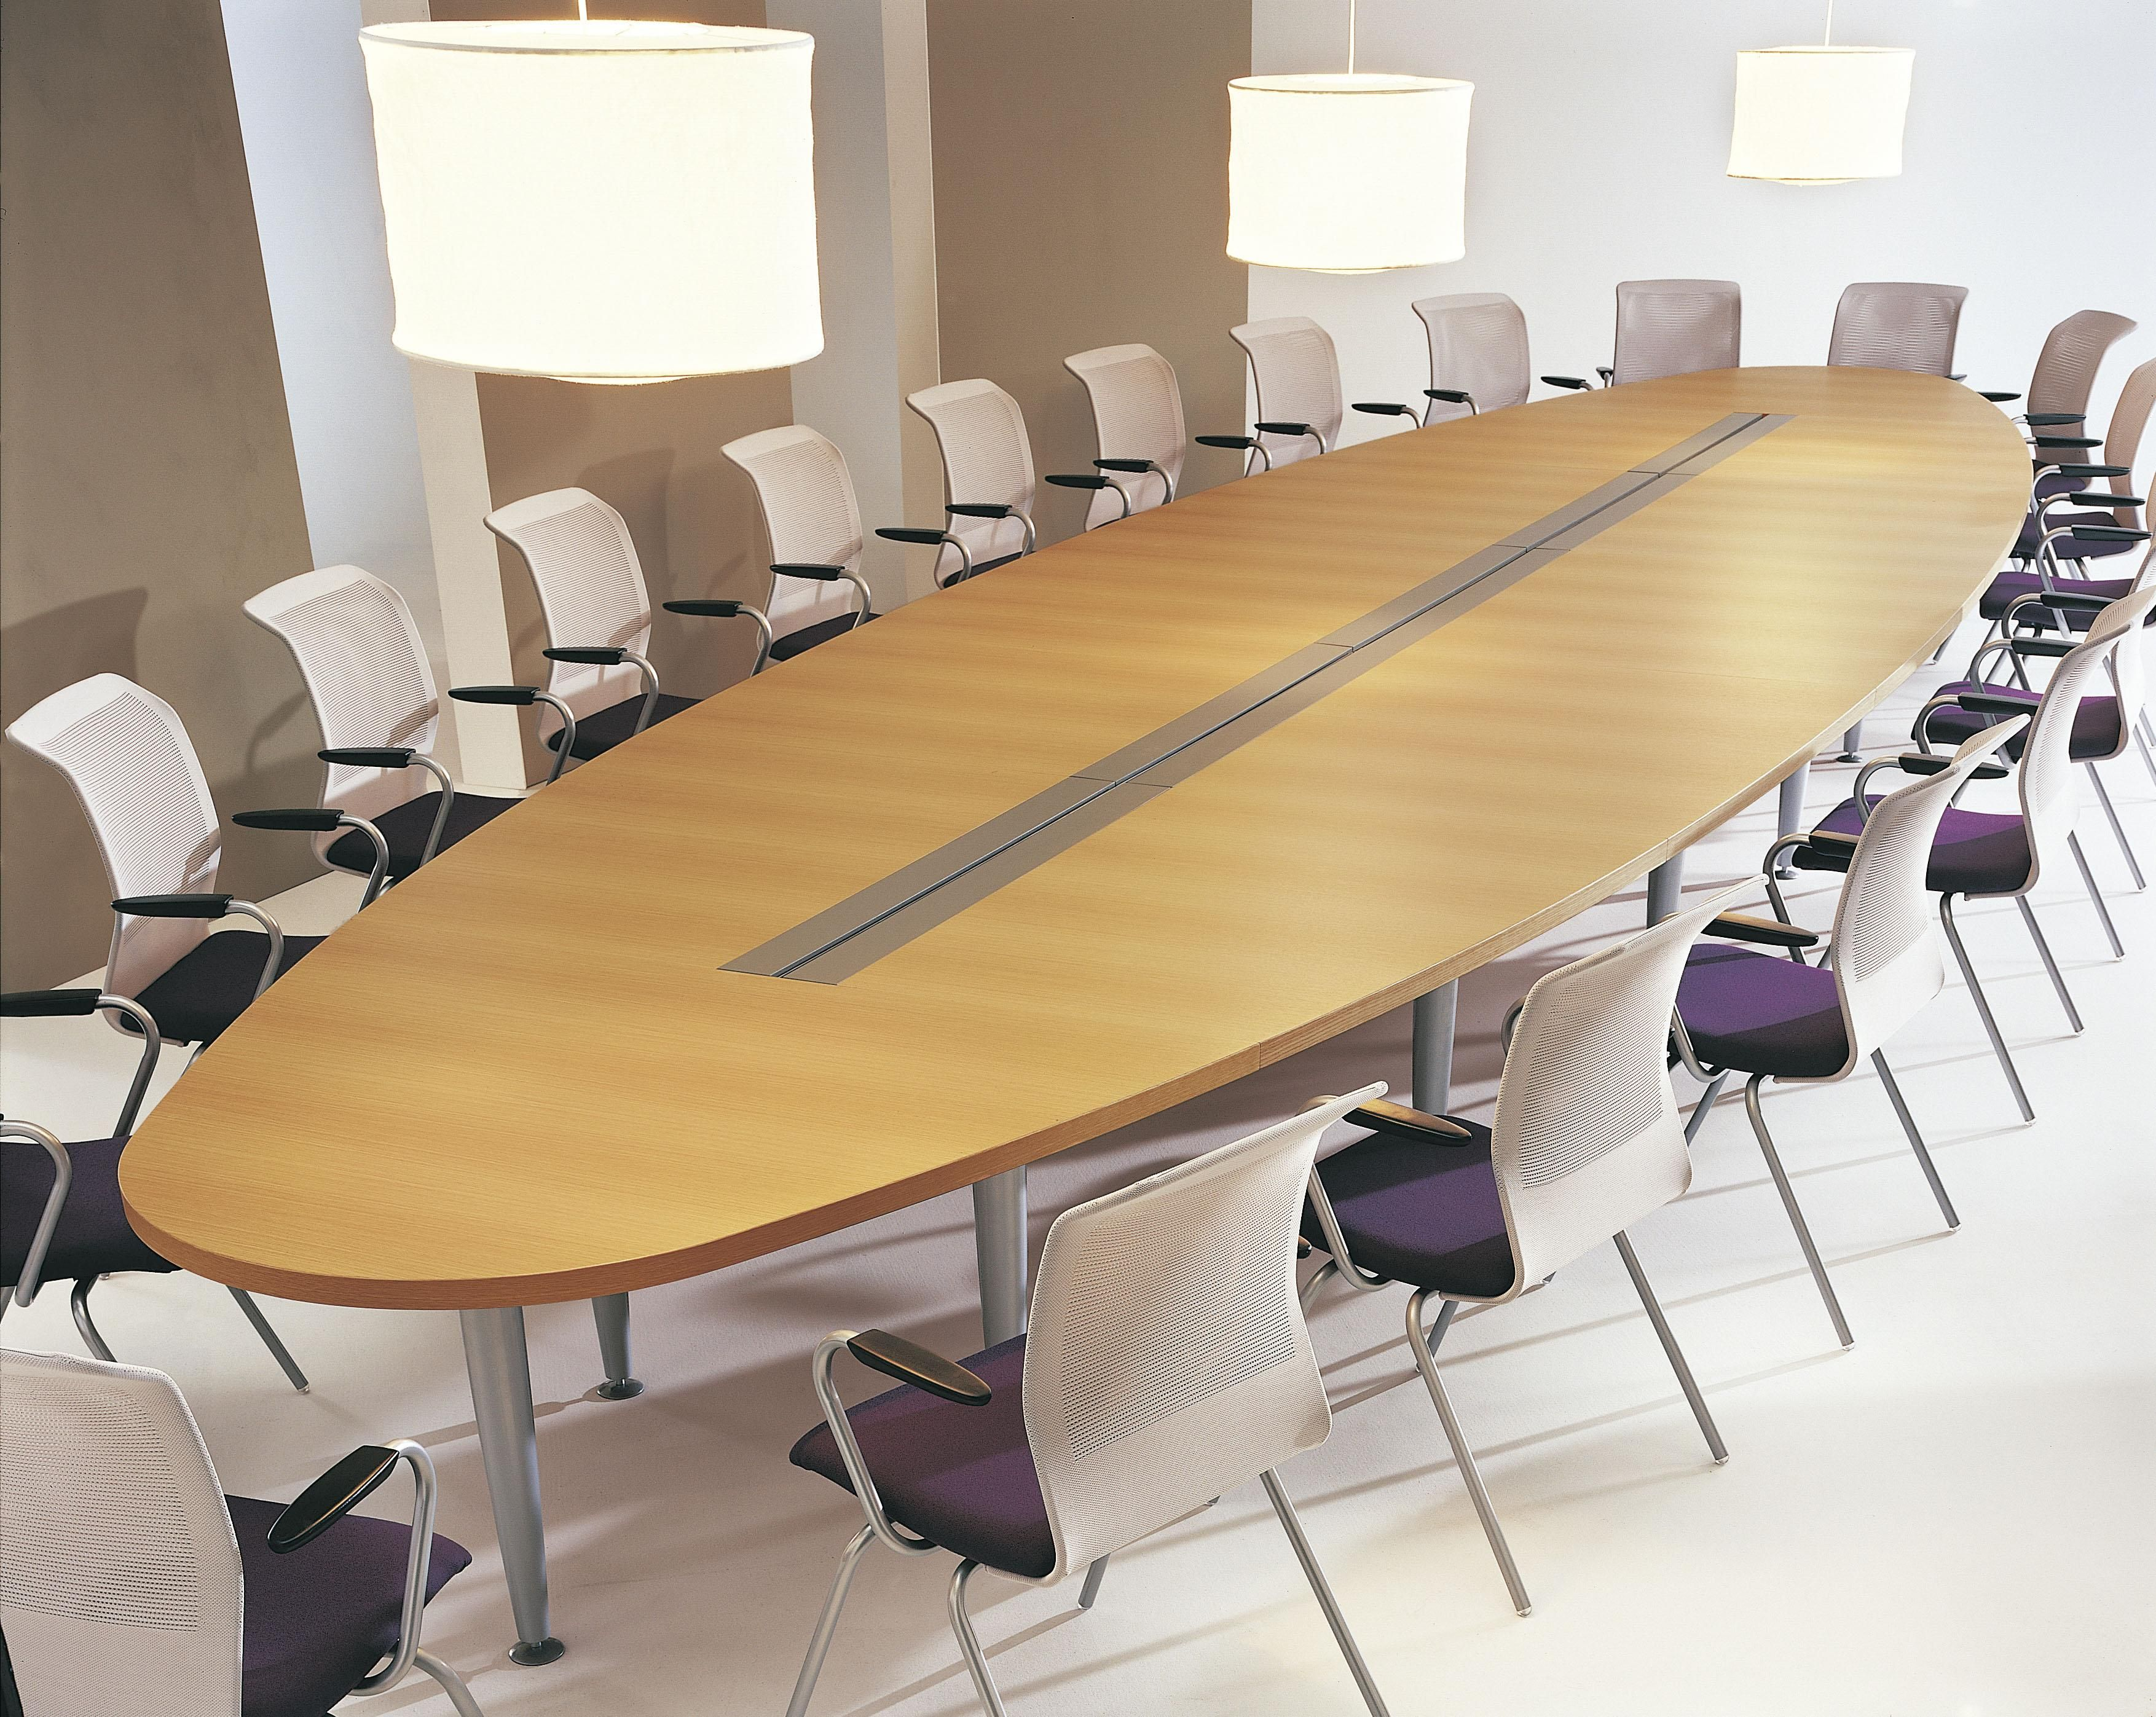 Mobilier Fixe Pour Salle De Reunion Mace Couleur Bois Equinoxe Mobilier Paris Table De Reunion Table Modulable Salle De Reunion